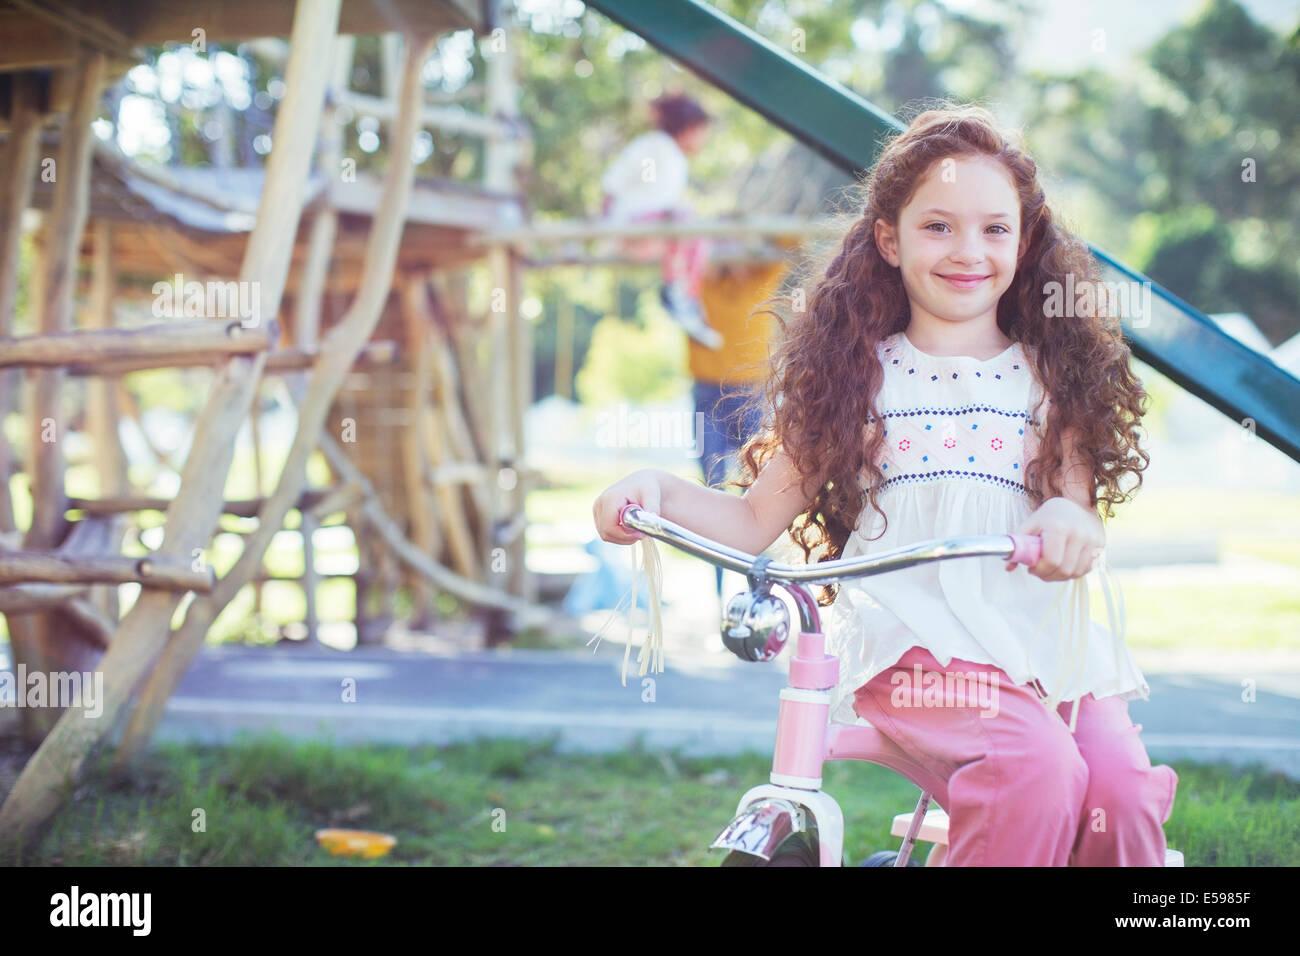 Smiling girl sitting on location de jeux pour enfants Photo Stock